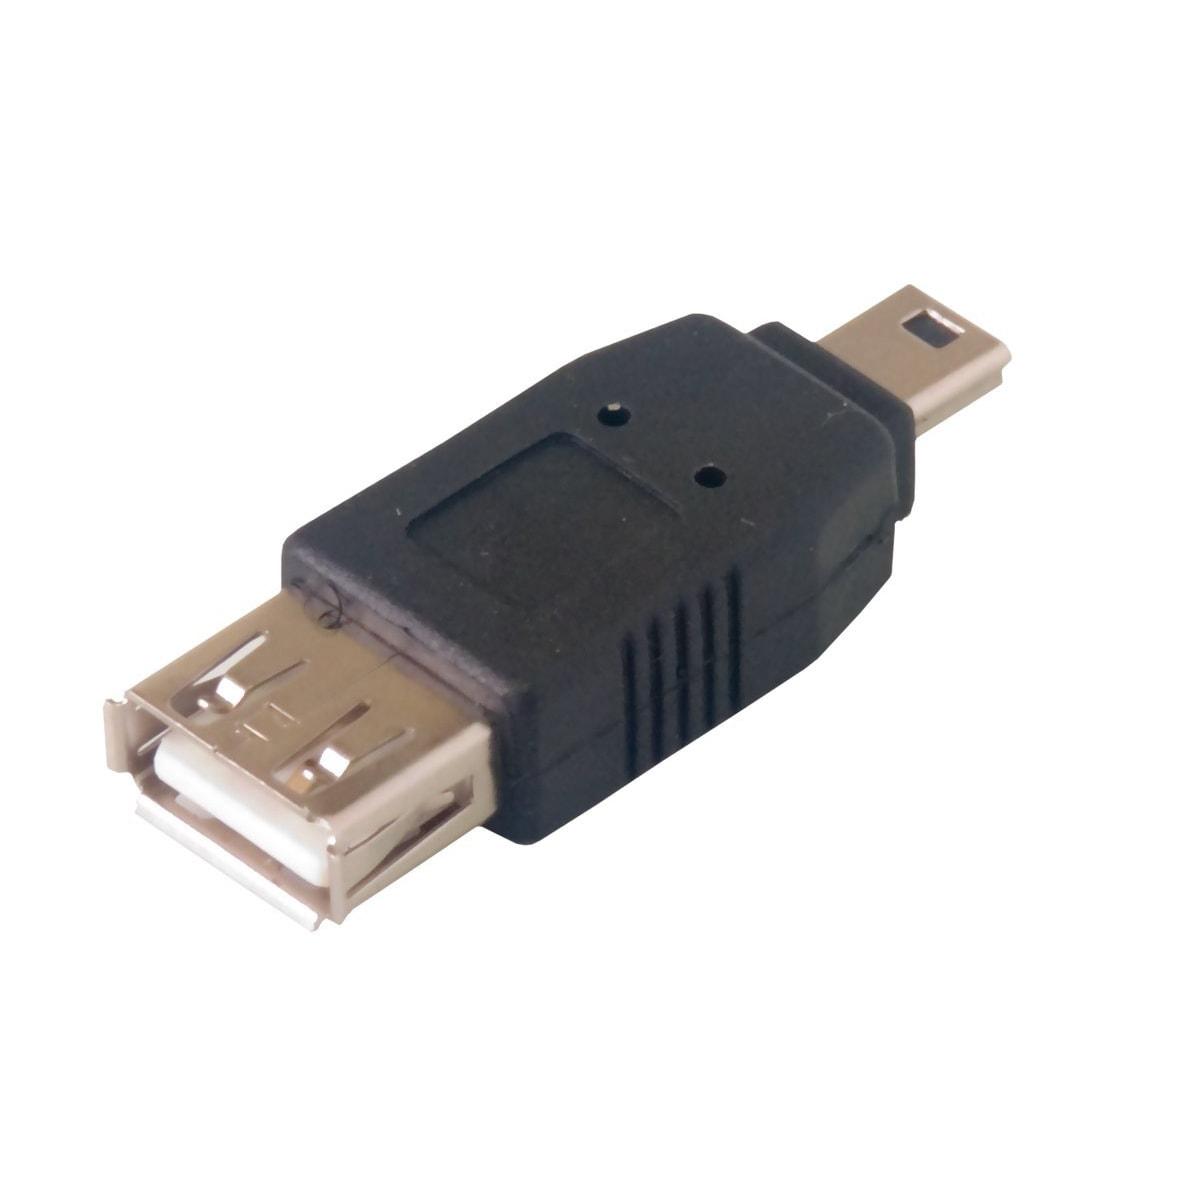 Adaptateur Mini USB B Mâle - USB A Femelle - Connectique PC - 0